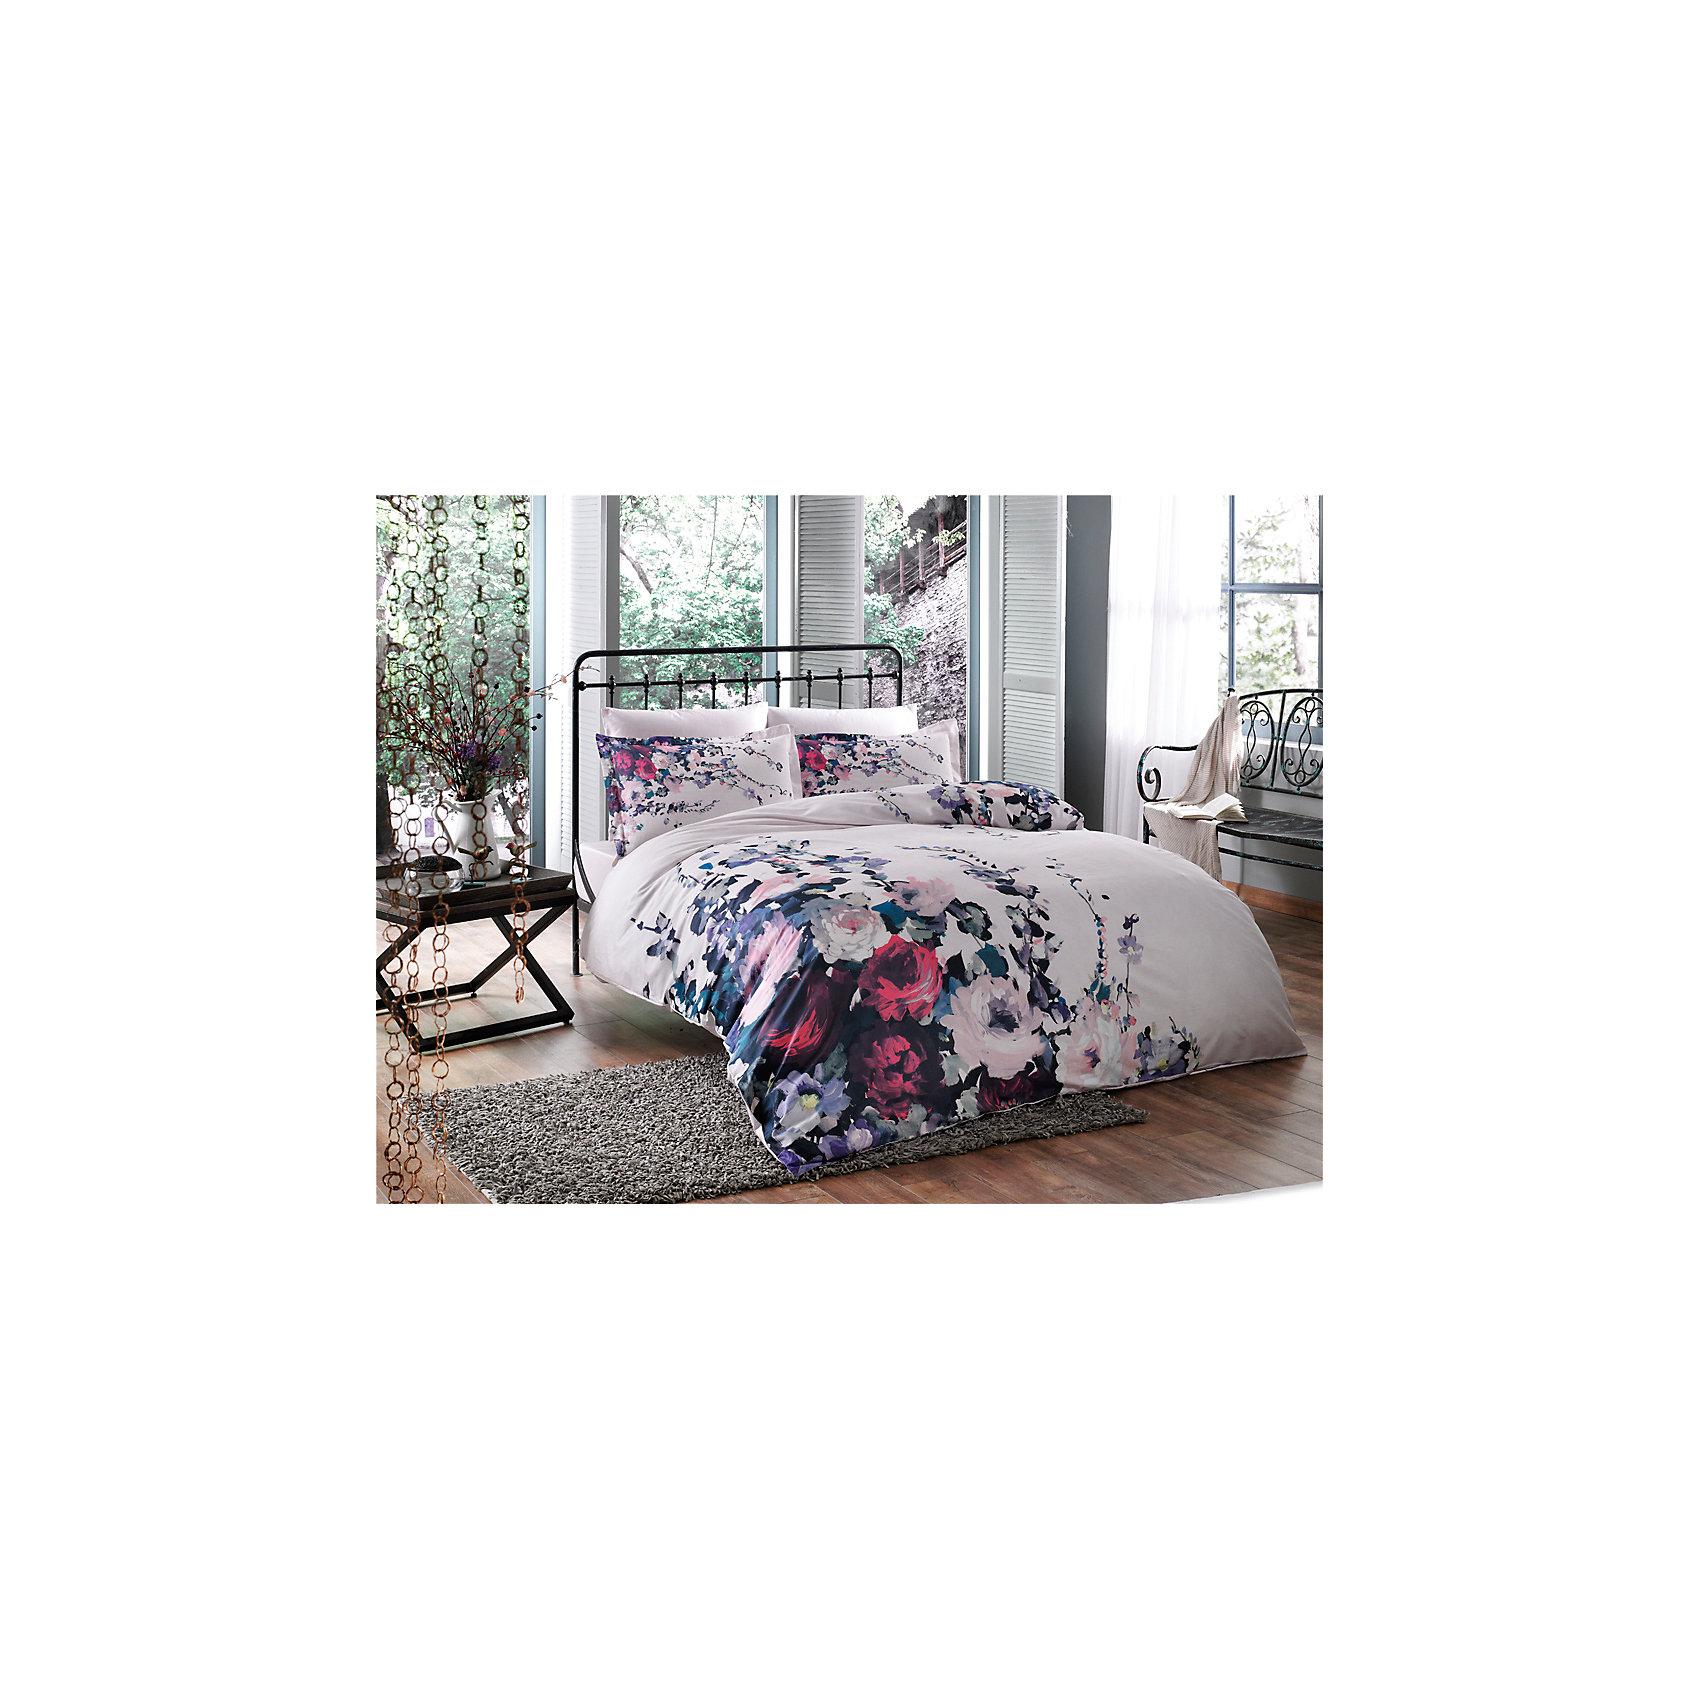 Постельное белье 2сп. Veronica, сатин, TAC, лиловыйДомашний текстиль<br>Характеристики:<br><br>• Вид домашнего текстиля: постельное белье<br>• Тип постельного белья по размерам: 2-х спальное<br>• Рисунок: цветы<br>• Сезон: круглый год<br>• Материал: сатин, 100% хлопок <br>• Цвет: лиловый, розовый, красный<br>• Комплектация: <br> пододеяльник – 1 шт. 200*220 см <br> простынь – 1 шт. 240*260 см<br> наволочки – 2 шт. 50*70 см<br>• Вид застежки: пуговицы<br>• Тип упаковки: книжка картонная<br>• Вес в упаковке: 2 кг 800 г<br>• Размеры упаковки (Д*Ш*В): 27*7*37 см<br>• Особенности ухода: машинная стирка <br><br>Постельное белье 2сп. Veronica, сатин, TAC, лиловый от наиболее популярного бренда на отечественном рынке среди производителей комплектов постельного белья и текстильных принадлежностей, выпуском которого занимается производственная компания, являющаяся частью мирового холдинга Zorlu Holding Textiles Group. <br><br>Комплект состоит из 4-х предметов и включает в себя: пододеяльник, простынь и две наволочки. Все изделия выполнены из хлопкового сатина, который характеризуется высокими износоустойчивыми качествами, не теряет формы и цвета при длительном использовании, после стирки изделия полностью расправляются и сохраняют ровность полотна, поэтому они не нуждаются в глажке. <br><br>Специальным образом скрученная нить, из которой изготовлено сатиновое полотно, обеспечивает характерный блеск и защиту от образования катышков. Обладает повышенными гигроскопичными качествами, благодаря чему оно комфортно для использования в любое время года. Постельное белье выполнено в стильном дизайне: принт из крупных цветов на светло лиловом фоне придают комплекту особое очарование и романтический шик. <br><br>Постельное белье 2сп. Veronica, сатин, TAC, лиловый можно купить в нашем интернет-магазине.<br><br>Ширина мм: 270<br>Глубина мм: 70<br>Высота мм: 370<br>Вес г: 2800<br>Возраст от месяцев: 216<br>Возраст до месяцев: 1188<br>Пол: Унисекс<br>Возраст: Детский<br>SKU: 5507051